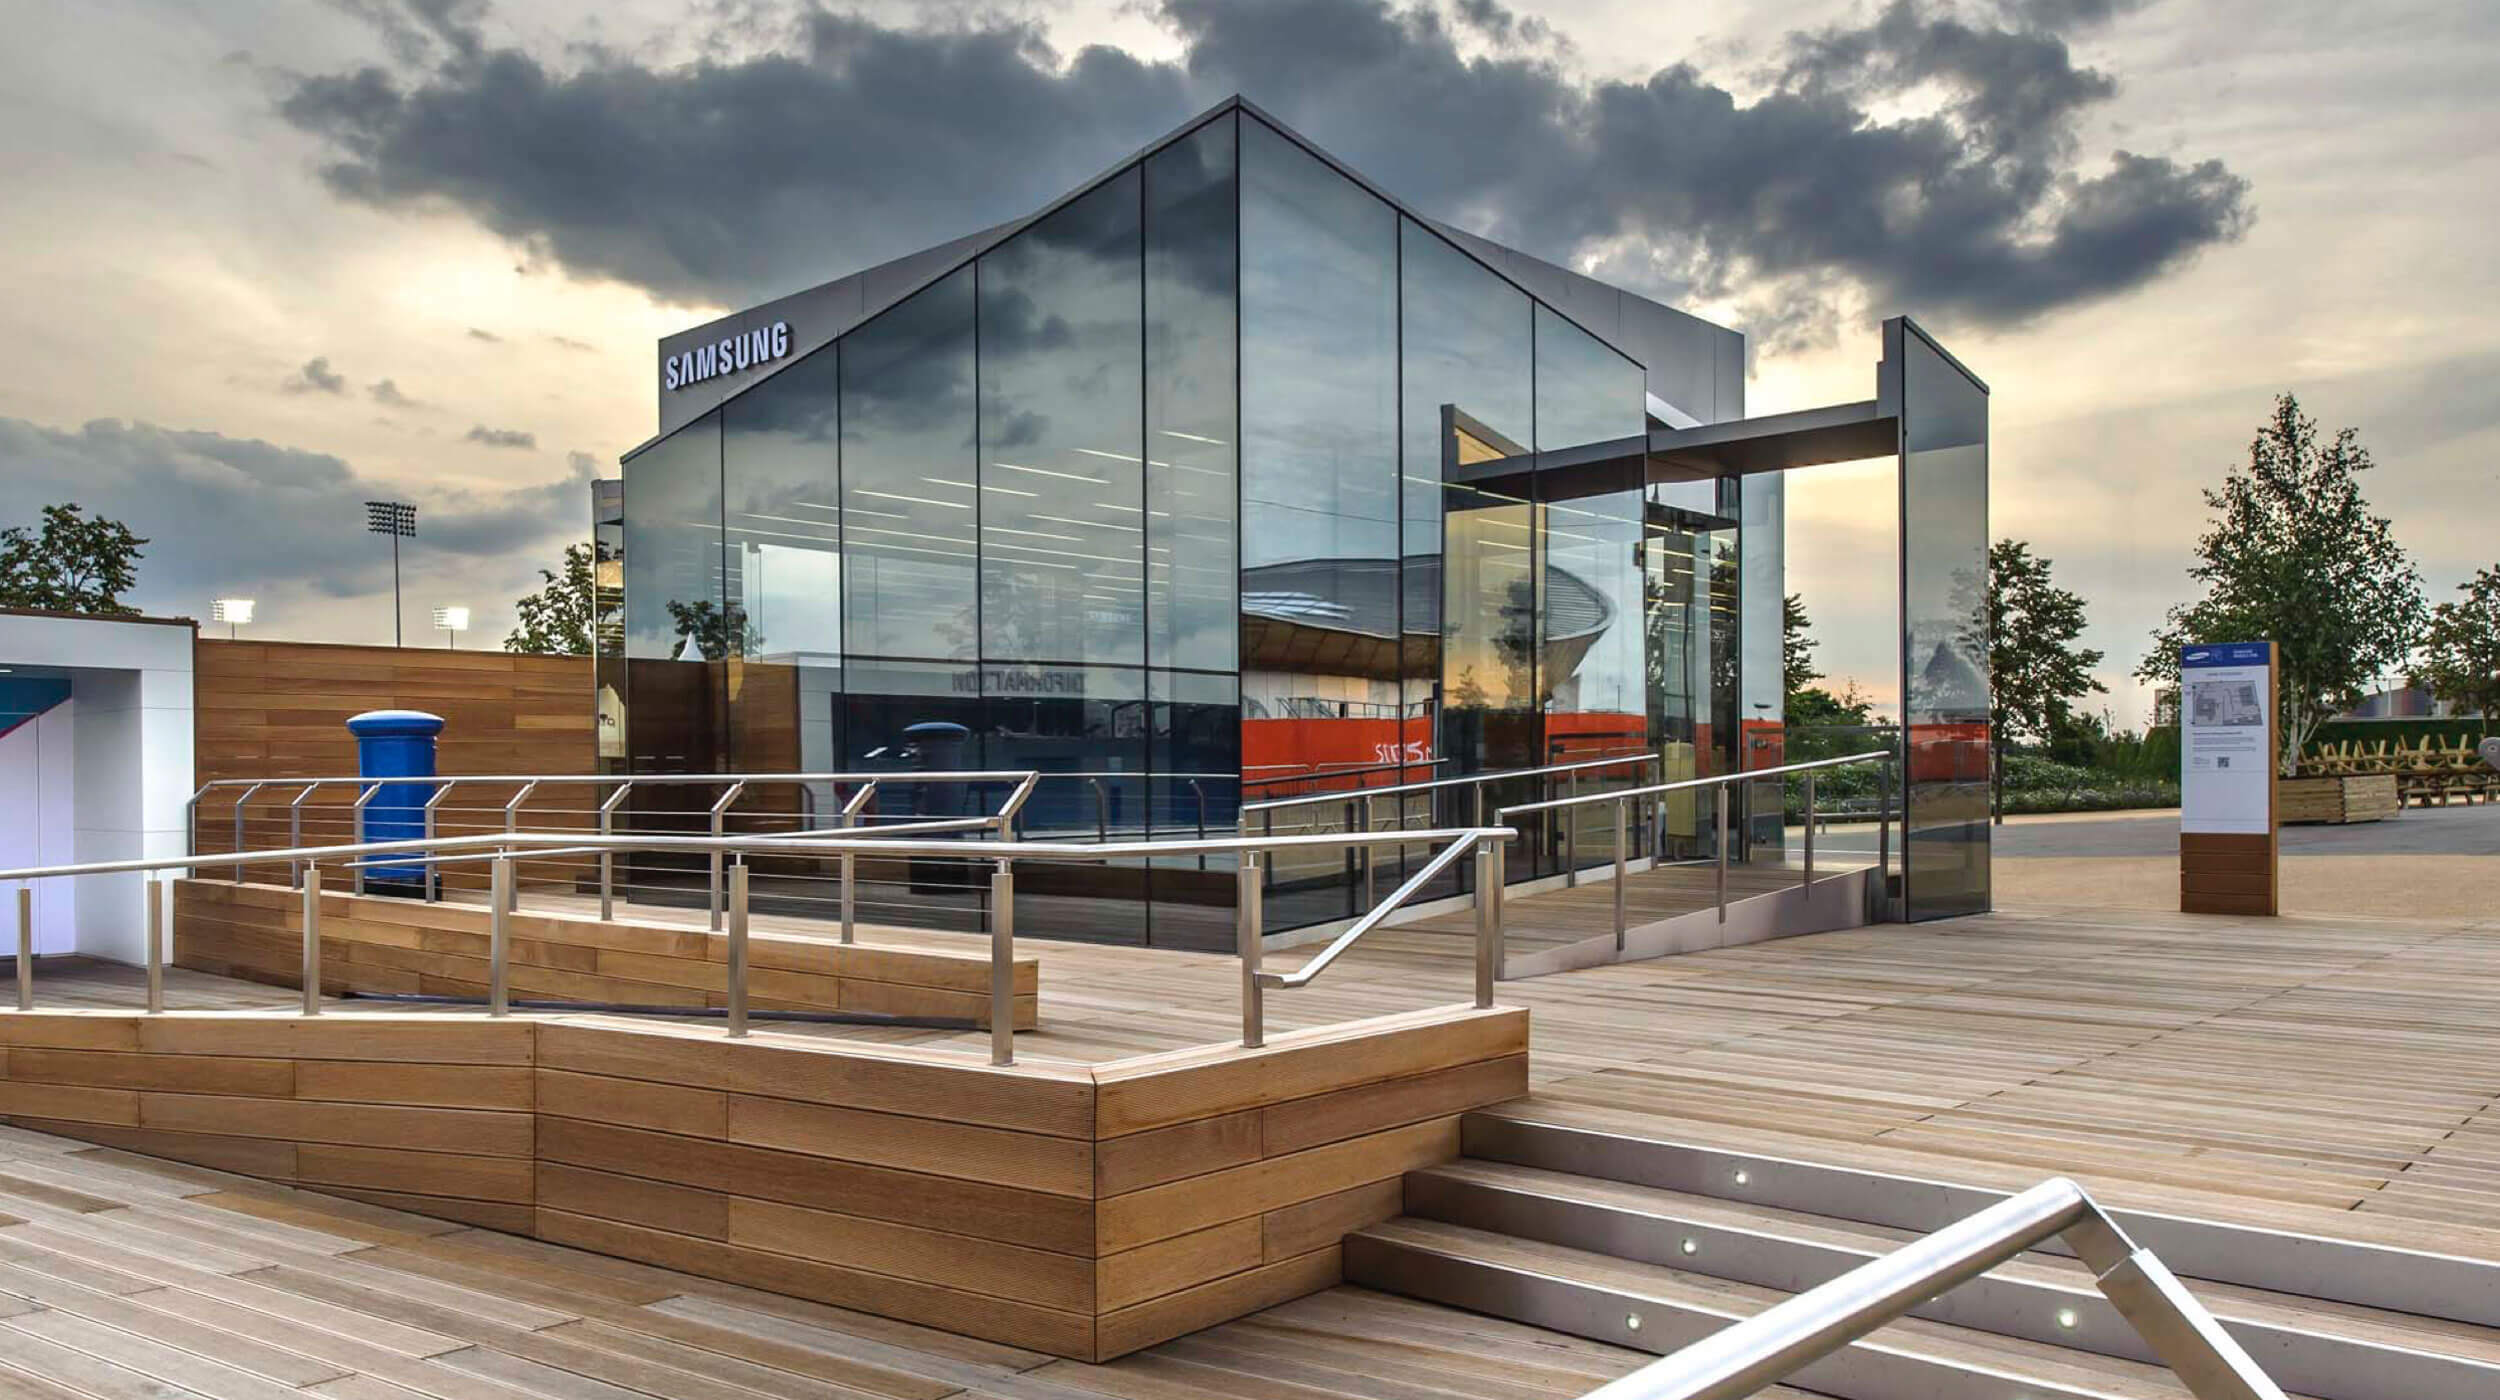 Der Samsung Olympic Park Pavillon aus Glas von außen